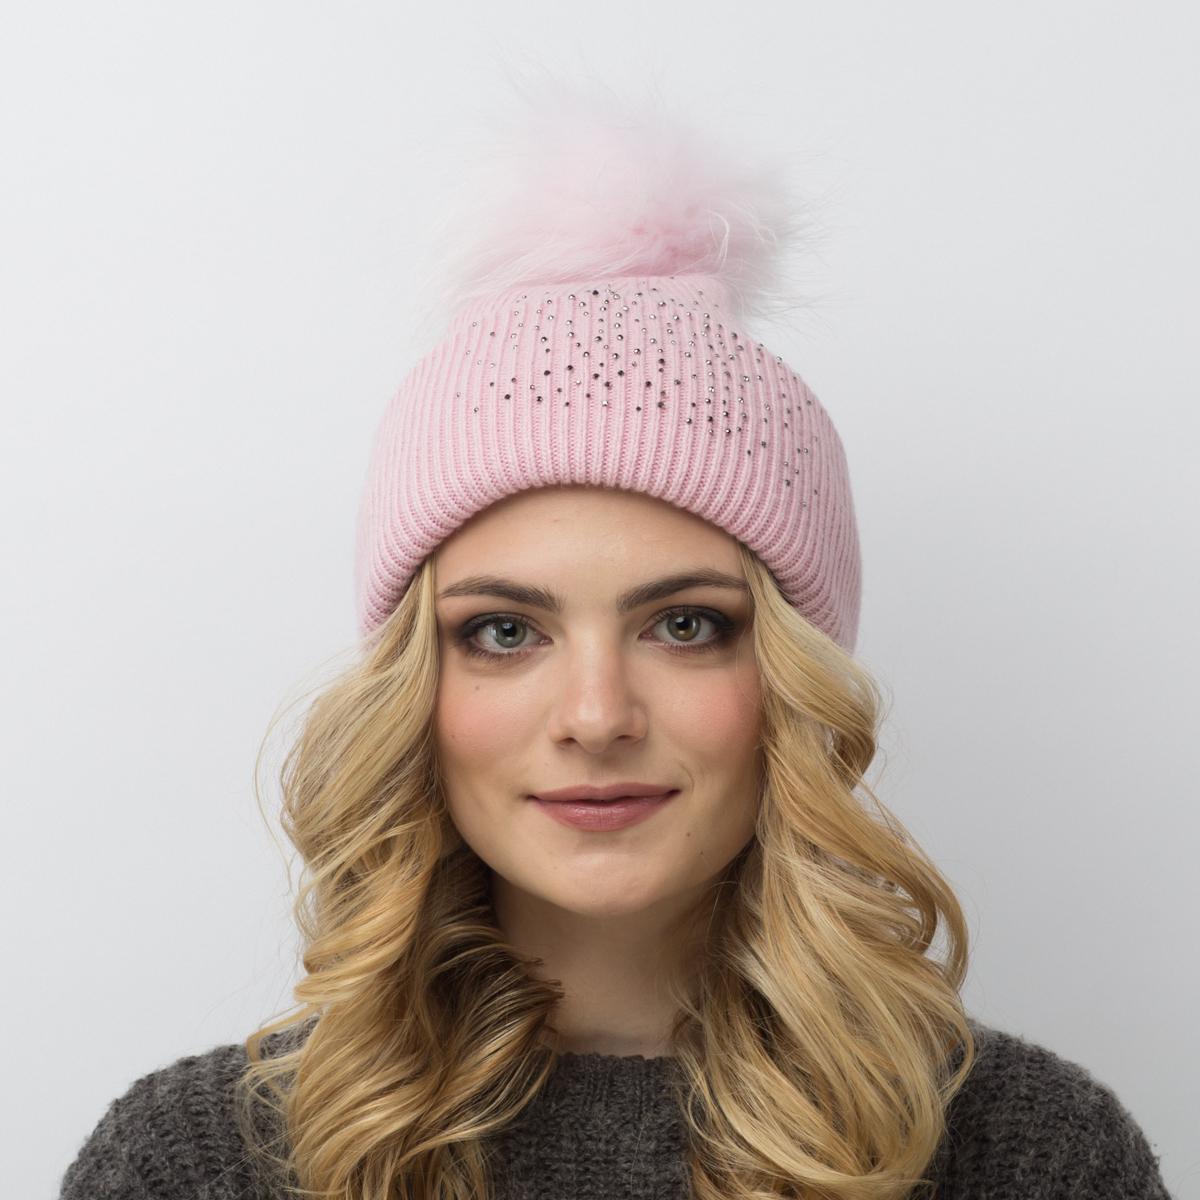 Шапка женская Flioraj, цвет: светло-розовый. 713/12-М-СТ FJ. Размер 56/58713/12-М-СТ FJТеплая шерстяная шапка от Flioraj выполнена модной рельефной вязкой. Отлично защитит от холода. Такую шапочку можно носить с любым видом верхней одежды, достаточно только определиться с цветом. Модель дополнена стразами и меховым помпоном.